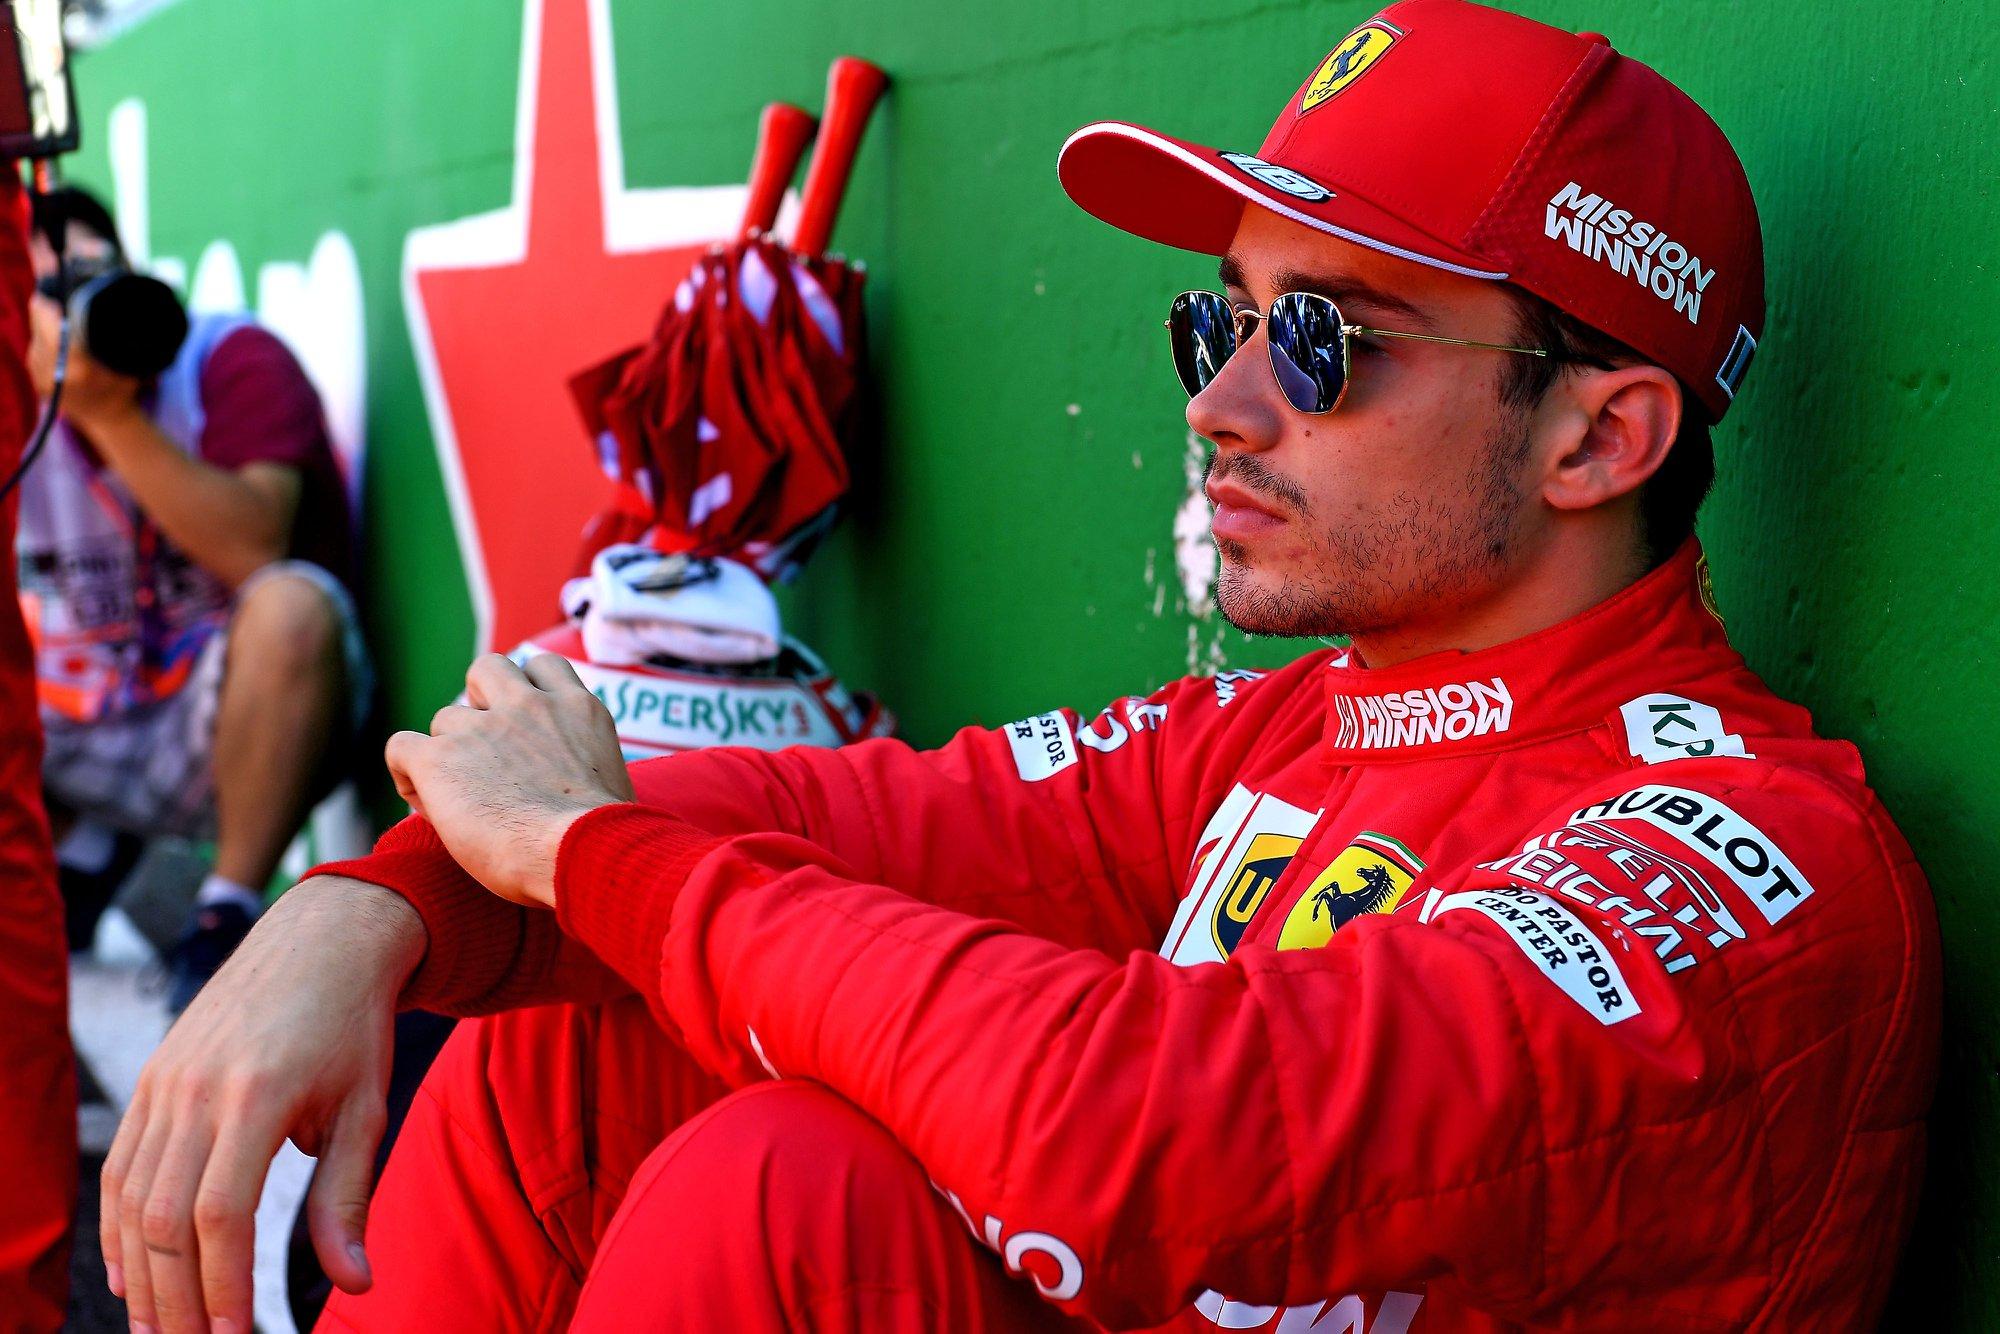 E. Irvine'as: C. Leclercas yra daug geresnis už M. Verstappeną